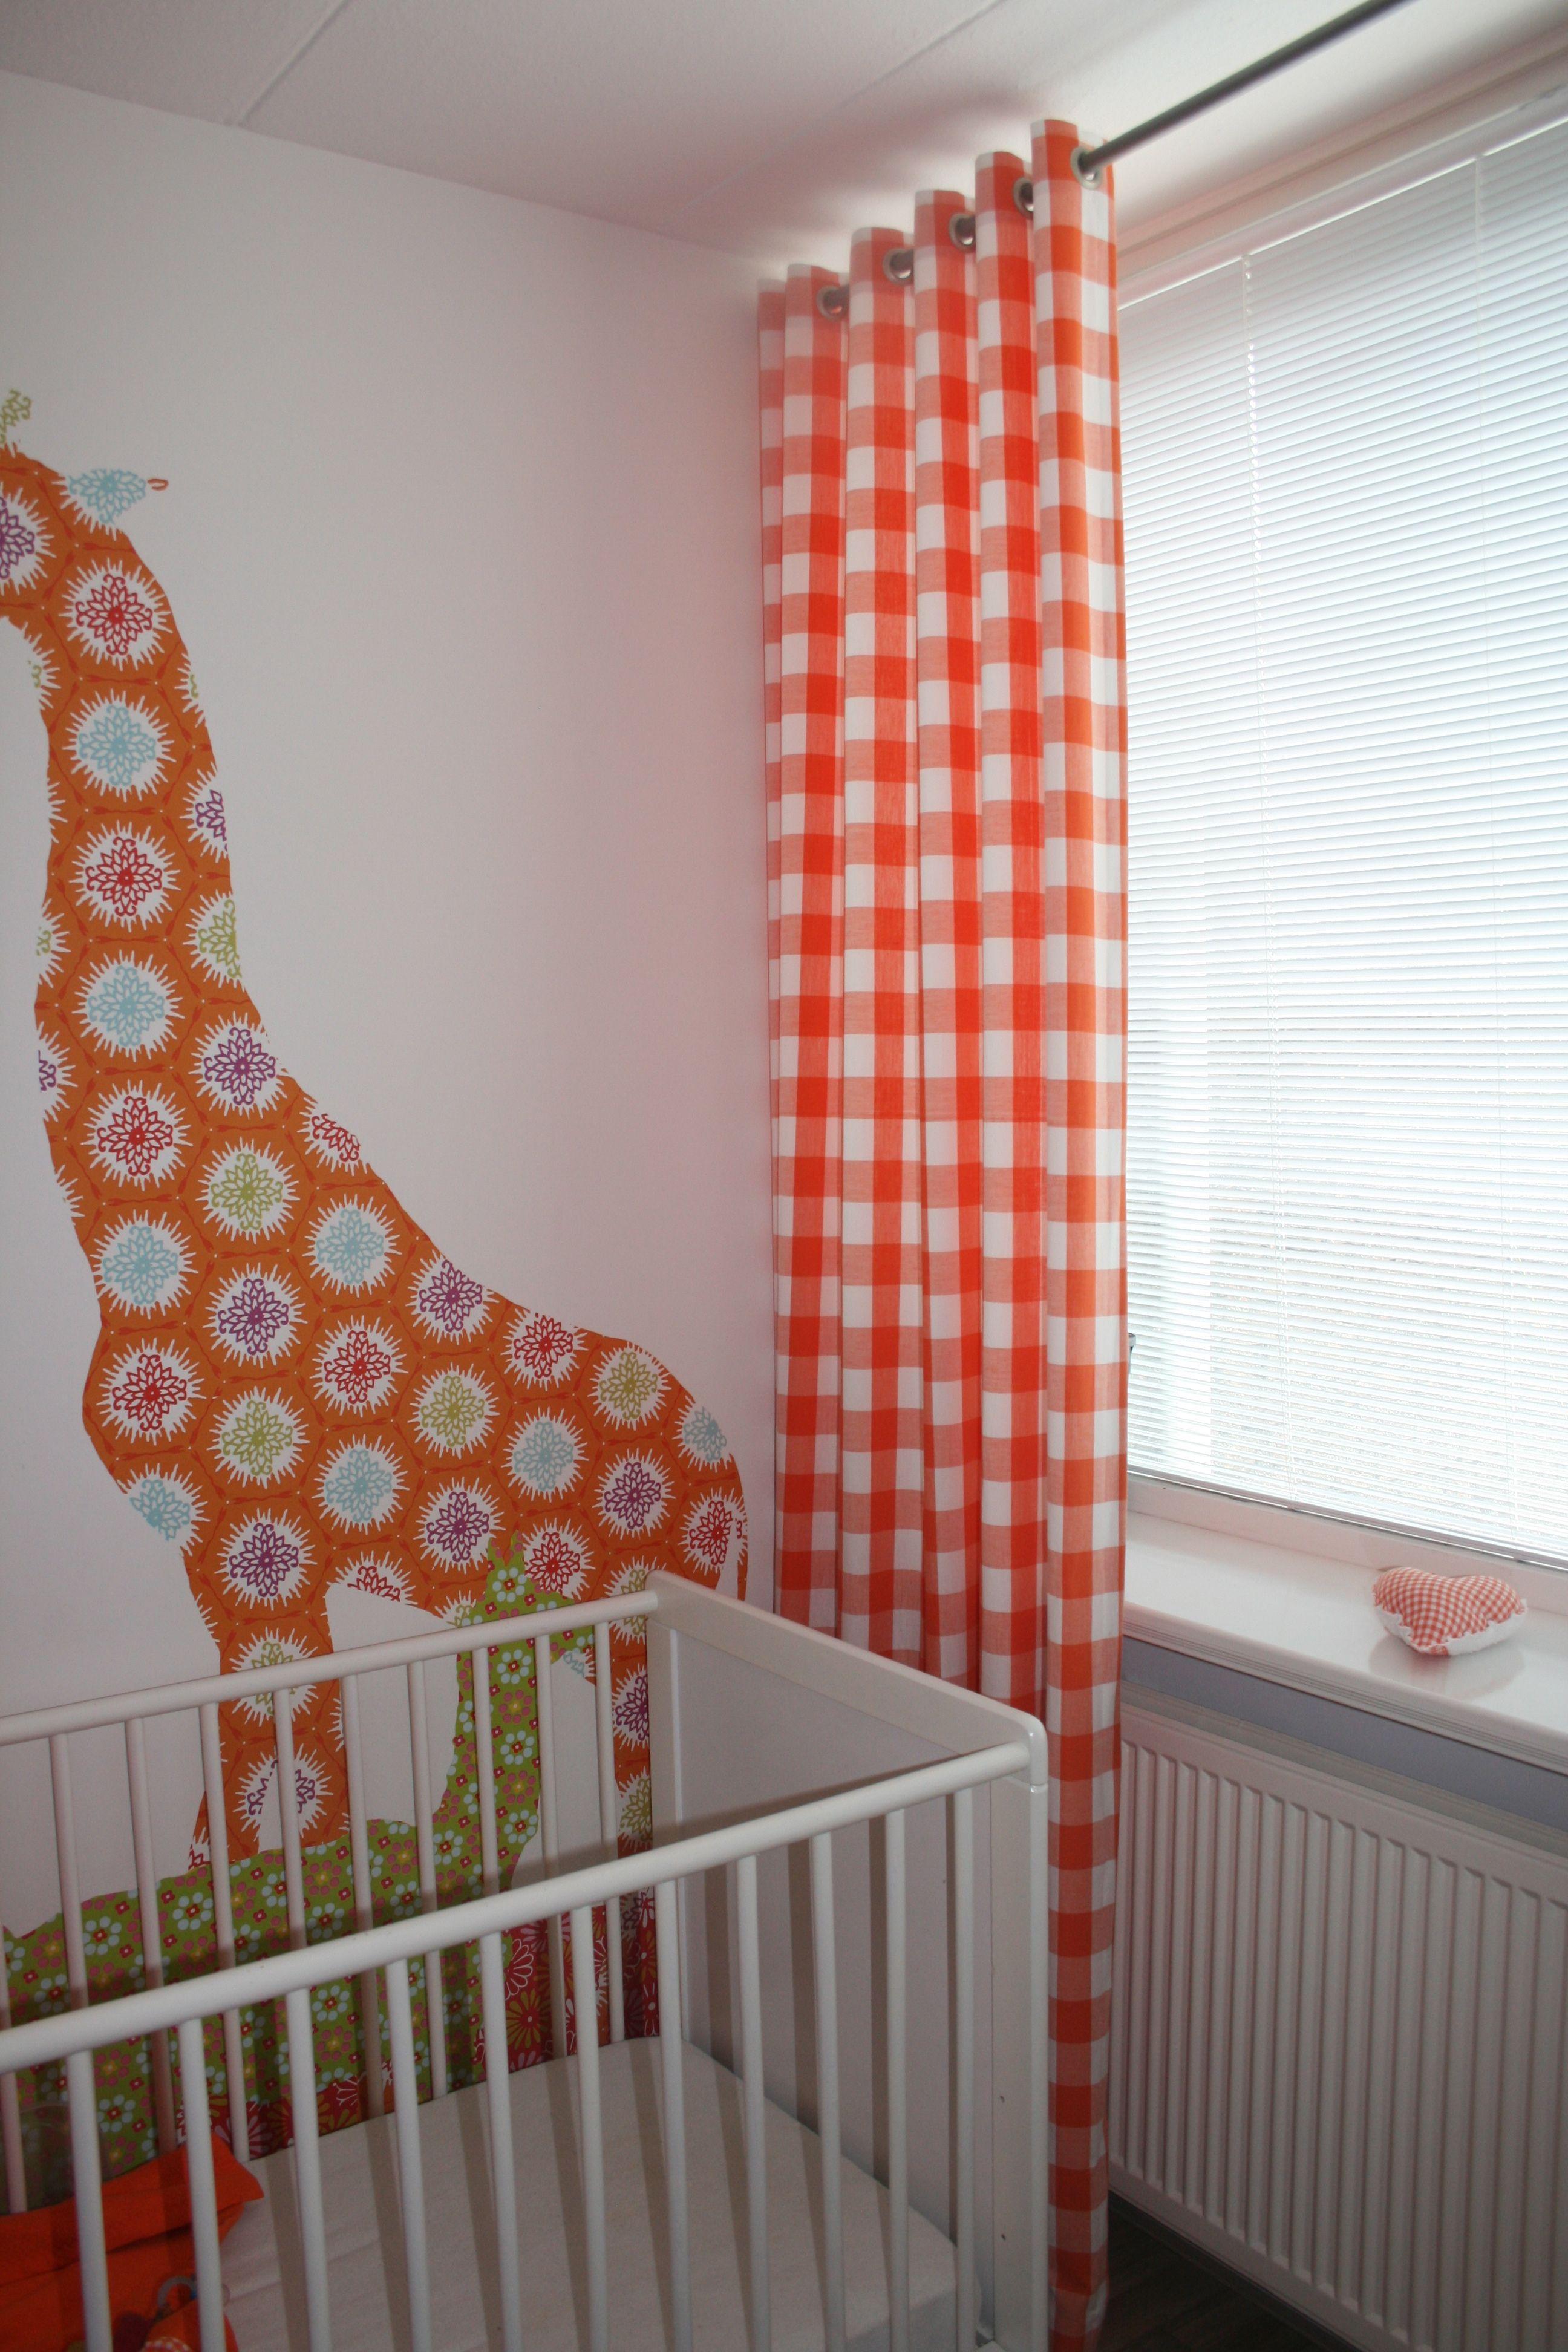 gordijnen in ruitstof 5cm in de kleur oranje geleverd door boerenbontignl gordijnen gordijnstof ruitstof ruitgordijn oranje kinderkamer babykamer